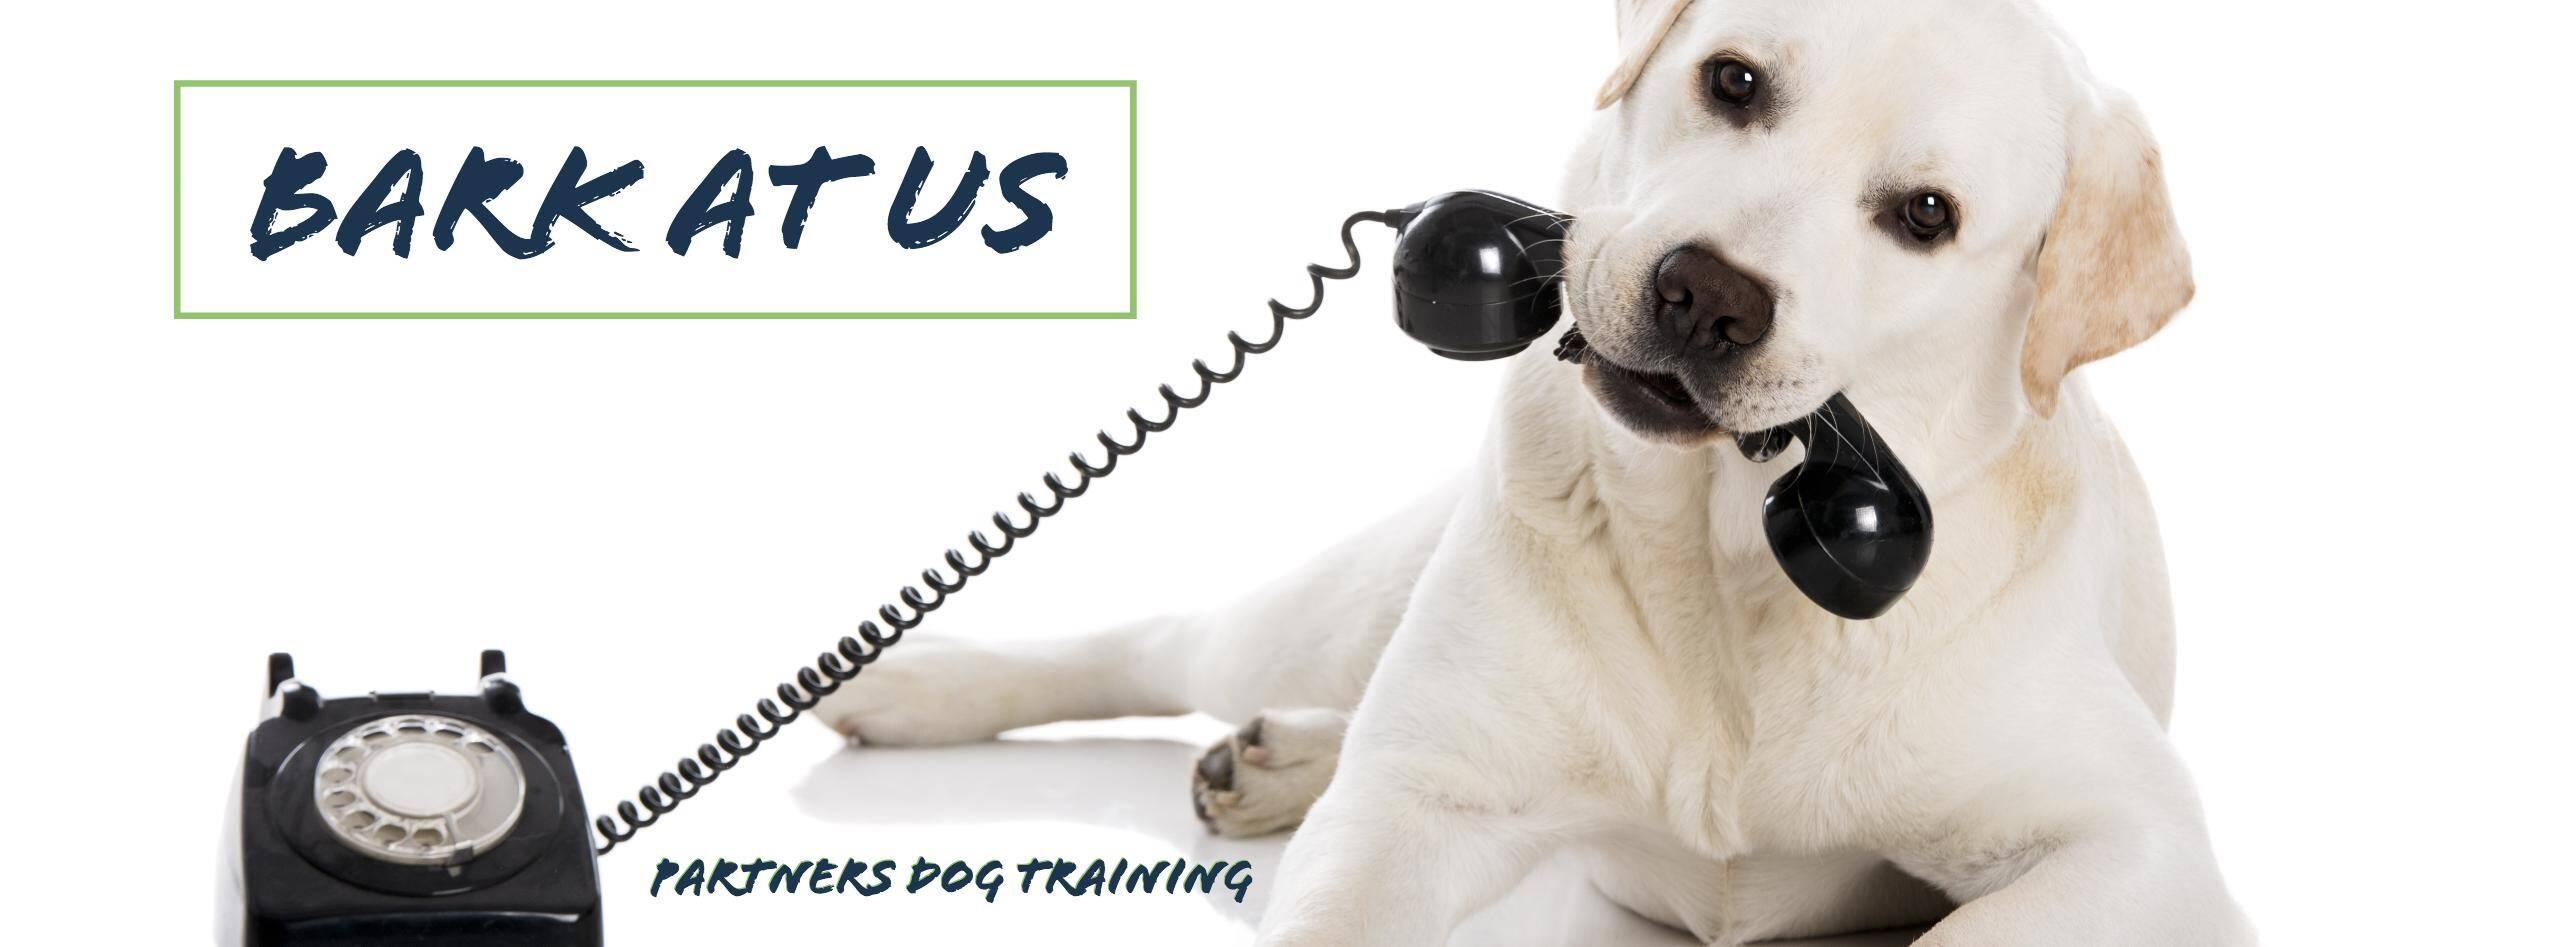 Bark at us at Partners Dog Training